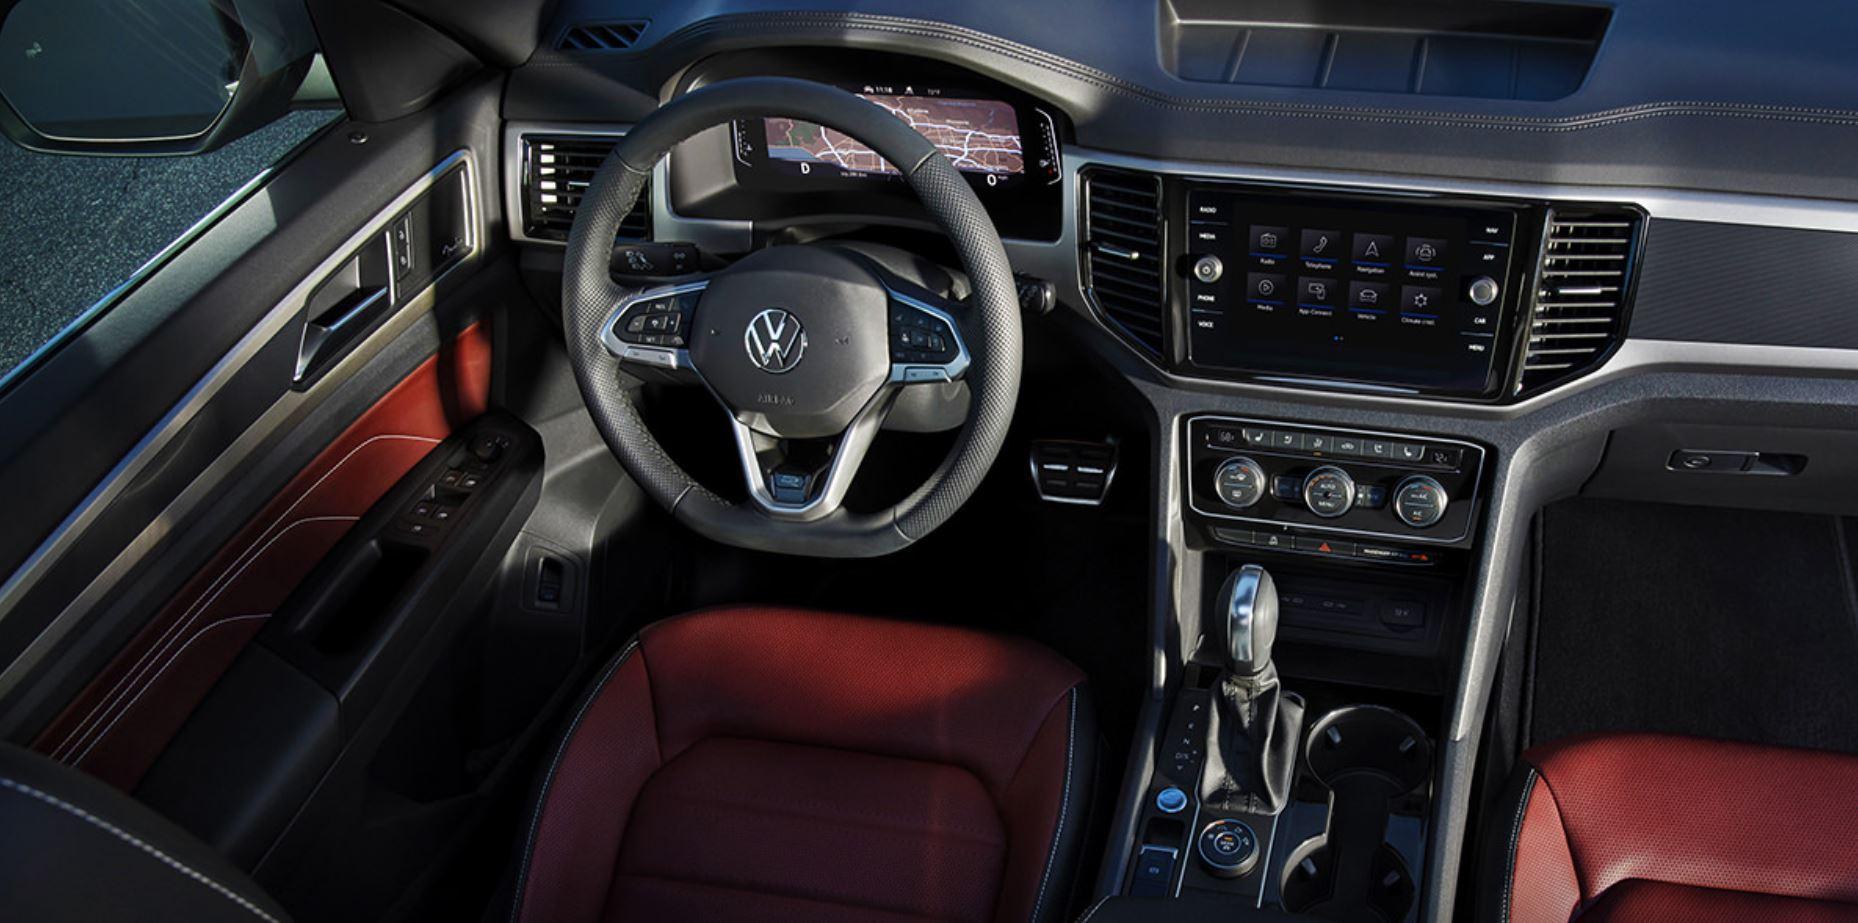 2021-volkswagen-atlas-cross-sport-interior-dashboard-touchscreen